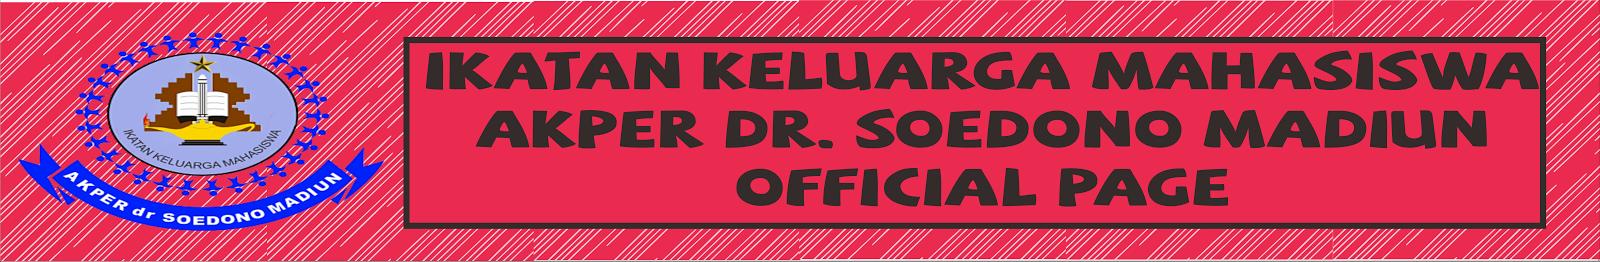 IKM Akper Dr. Soedono Madiun